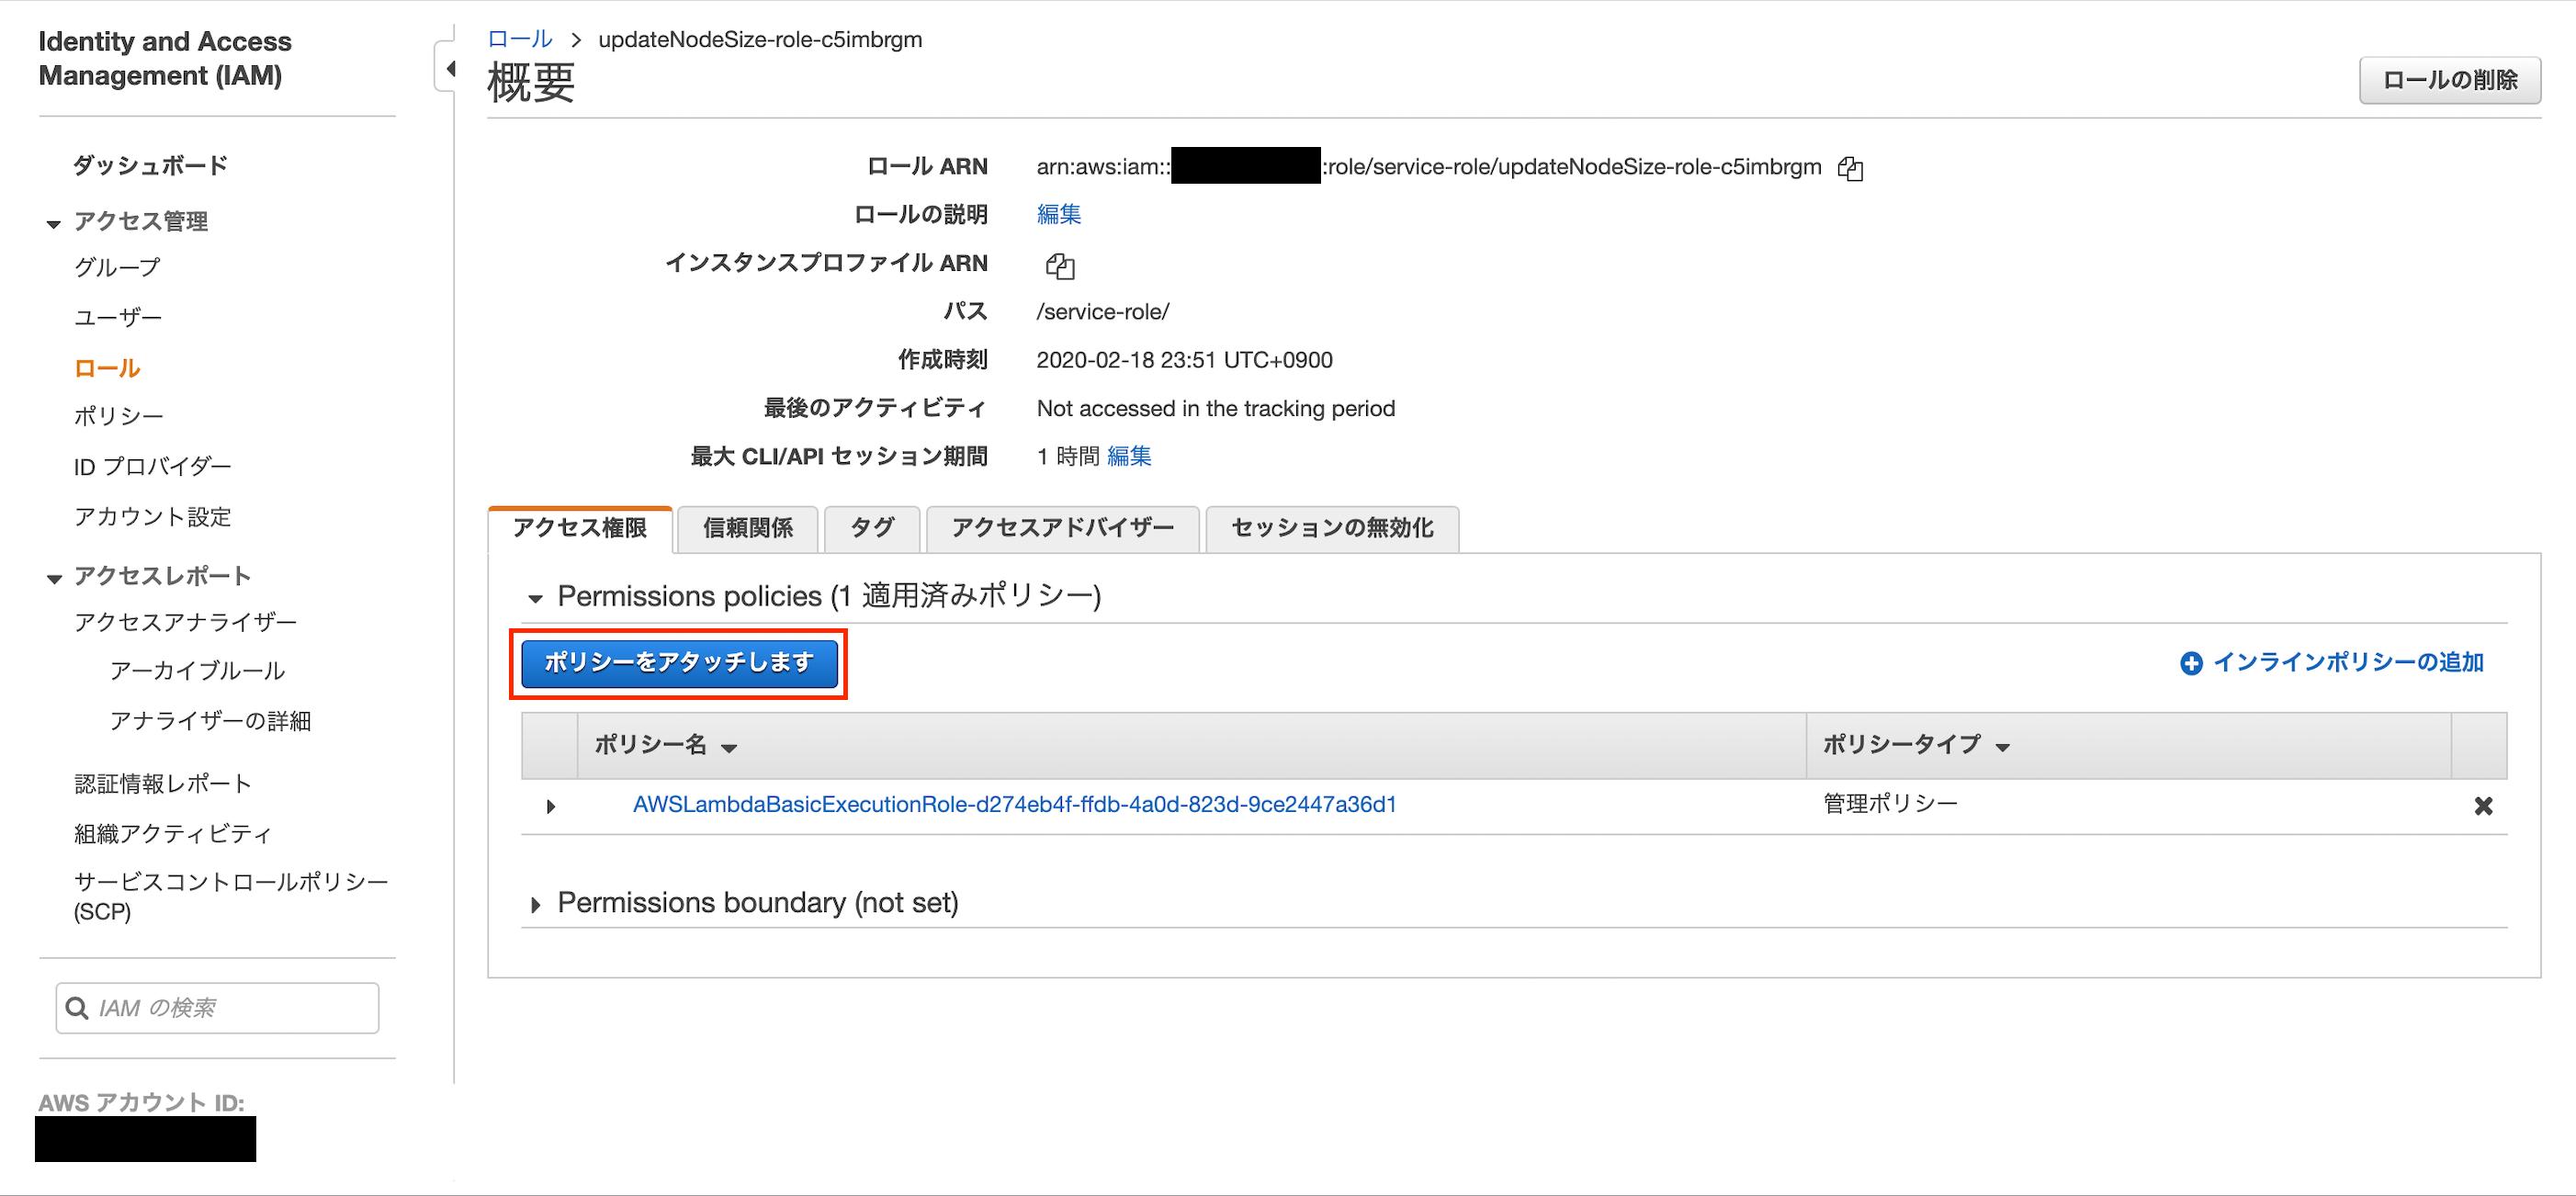 スクリーンショット 2020-02-19 0.49.10.png